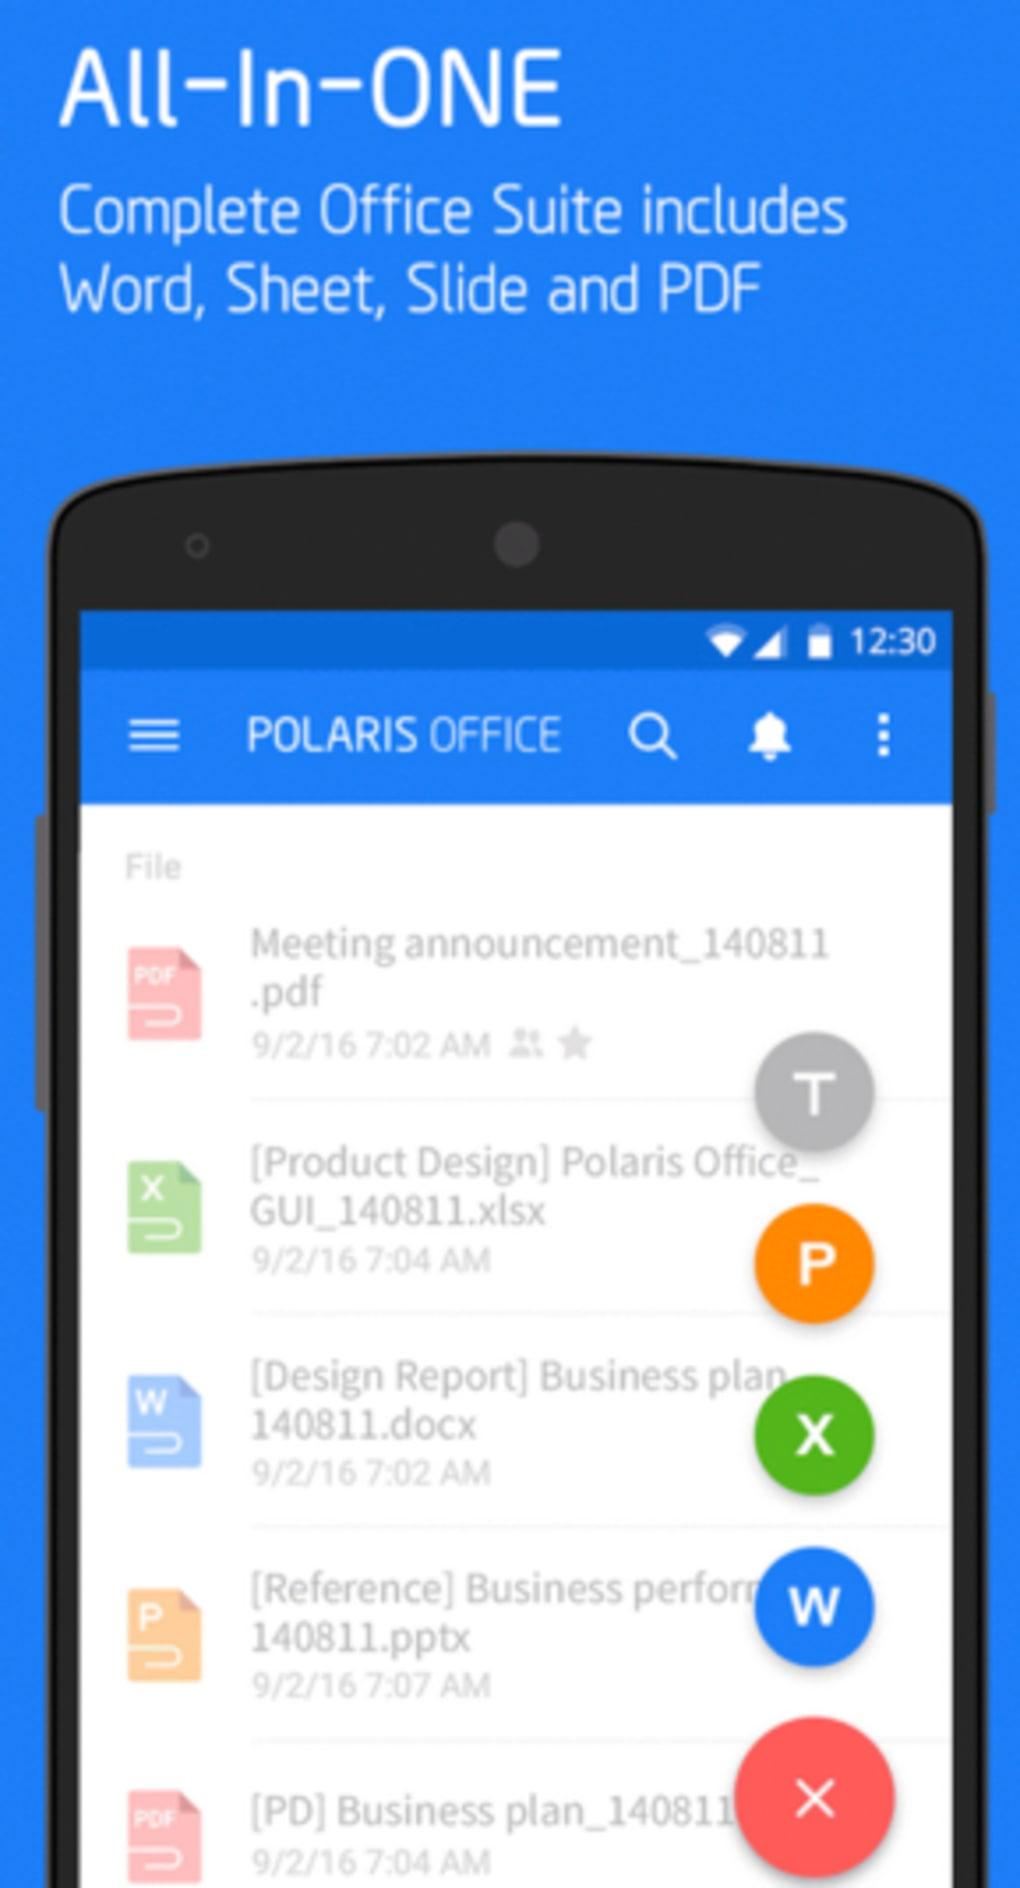 دانلود Polaris Office 9.0.3 - برنامه آفیس پولاریس /// دپویی عید